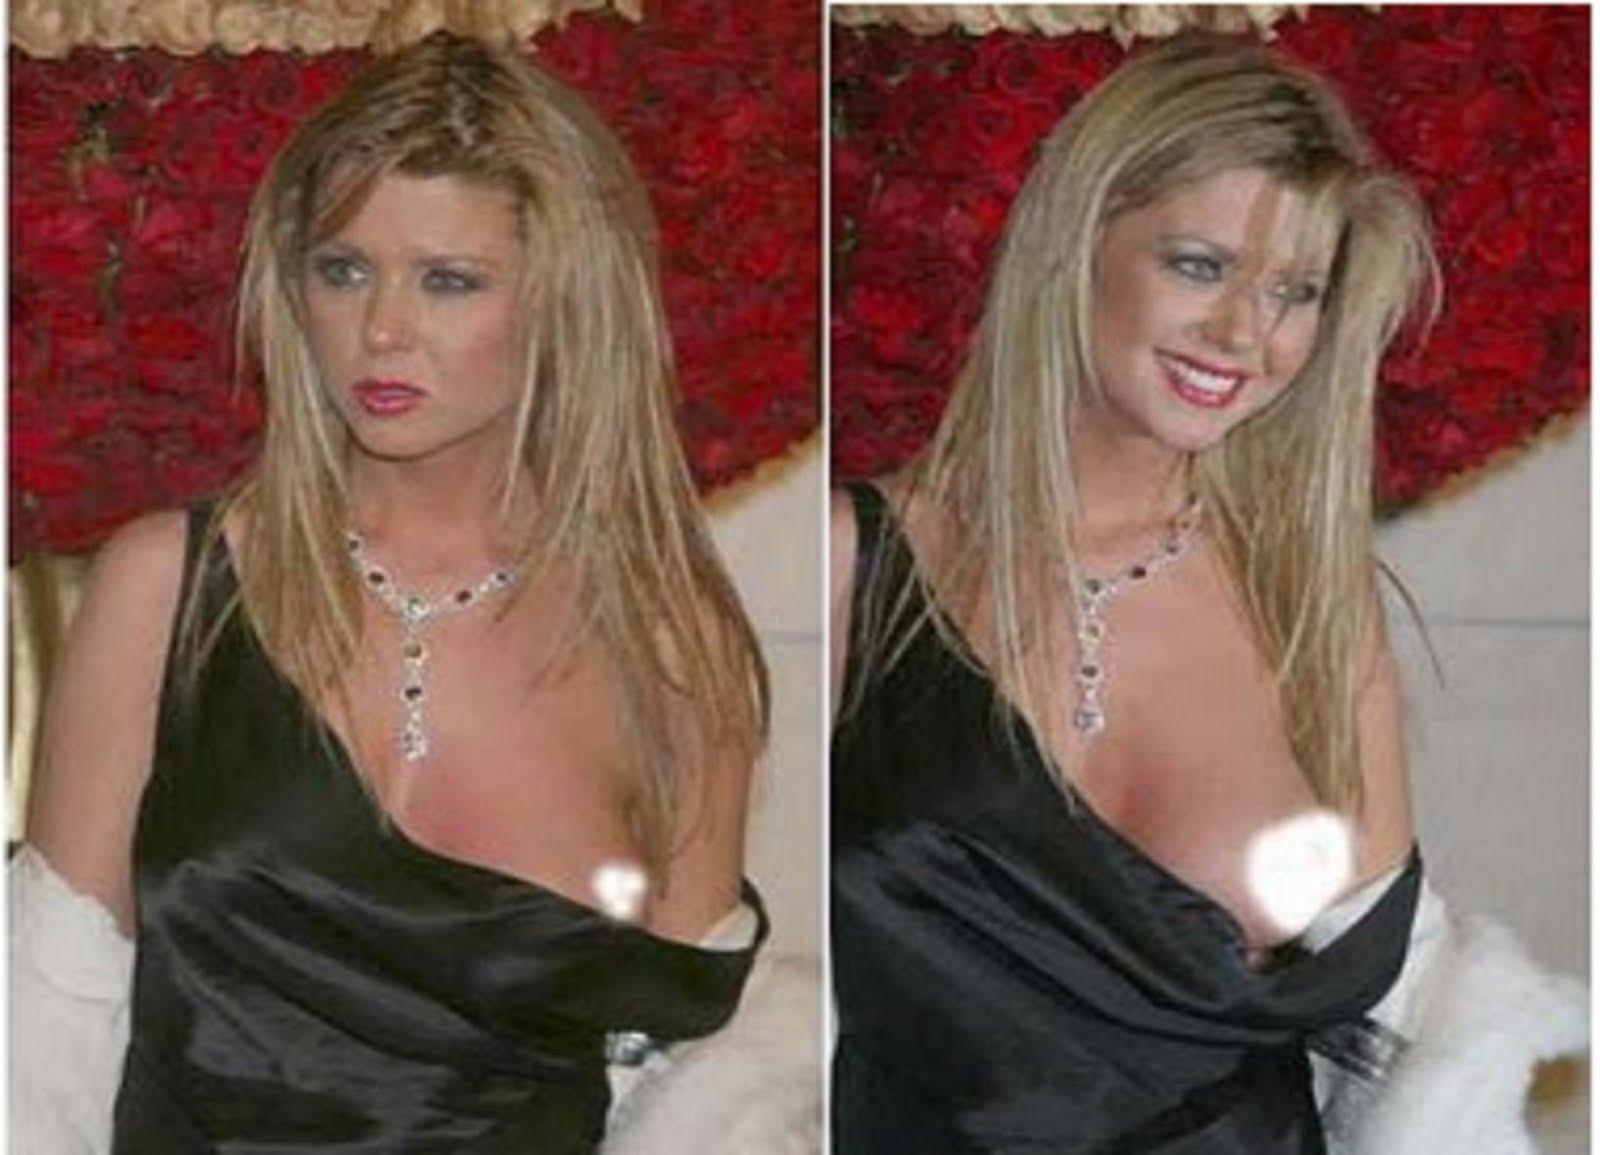 http://4.bp.blogspot.com/_uZhXcmvA6rA/TAlQyUJnhEI/AAAAAAAABFU/l1DY9m_EpiM/s1600/tara+reid+breast+02.jpg